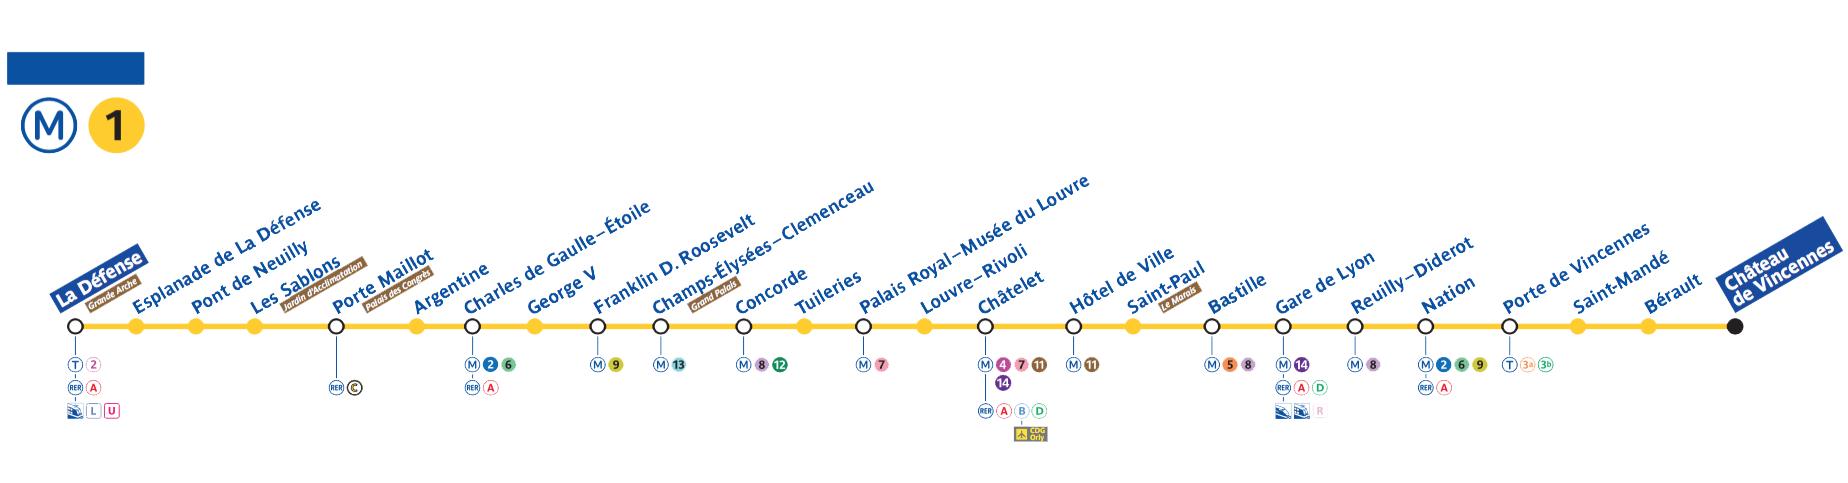 Plan De La Ligne 1 Du Métro Parisien Ligne Metro Métro Parisien Métro